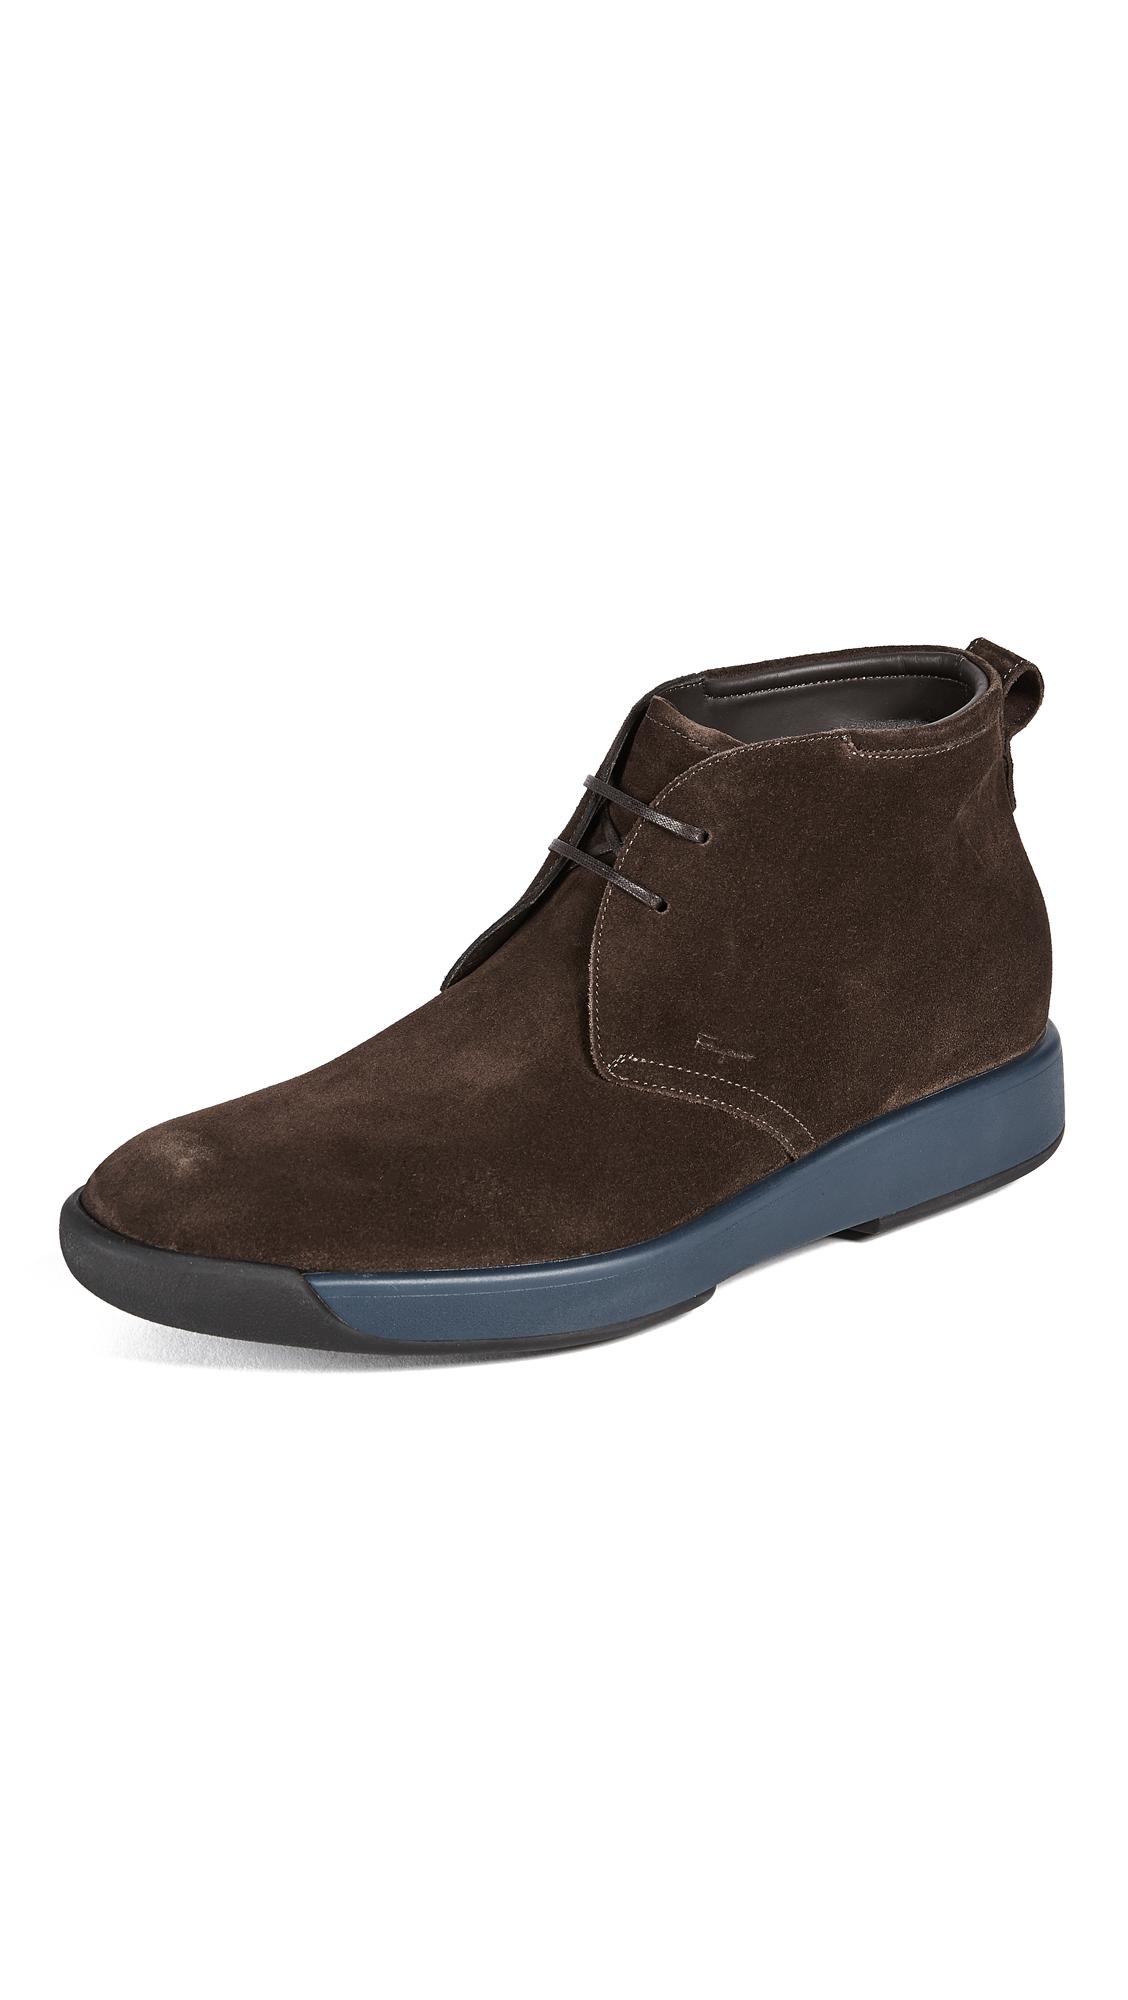 Salvatore Ferragamo Men S Boots Menstyle Usa